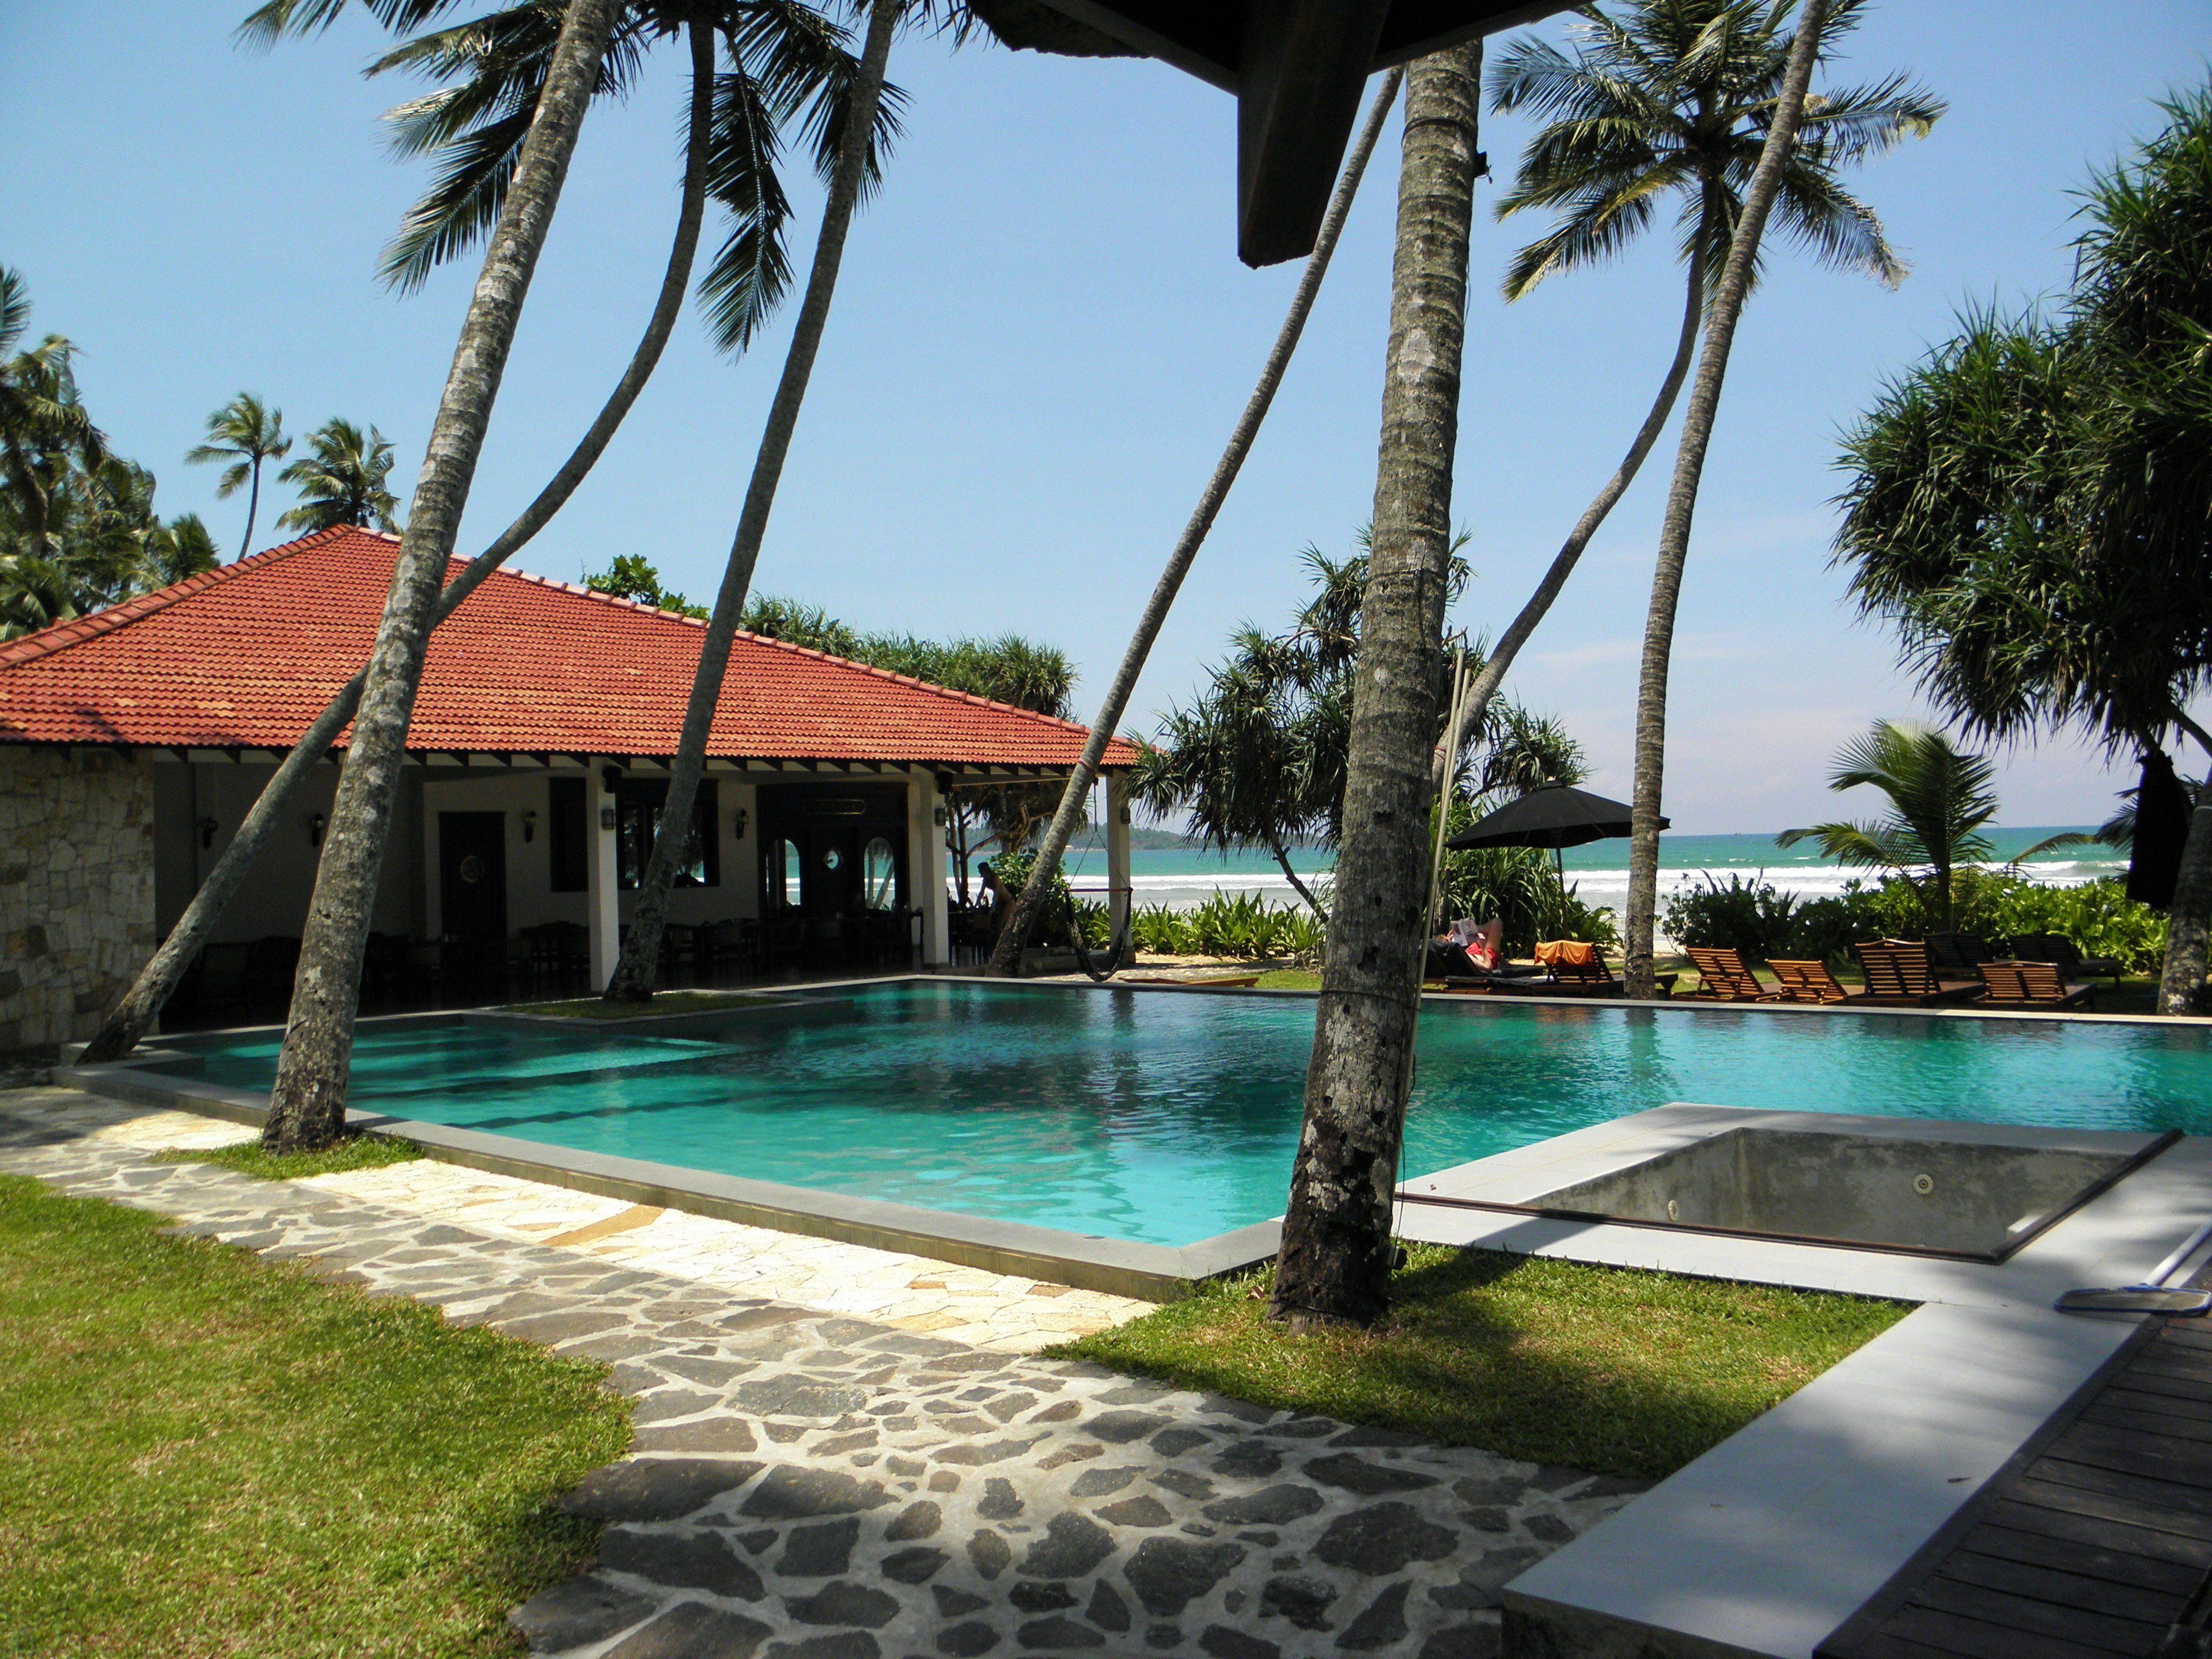 Courtesy of Weligama Bay Resort / Expedia